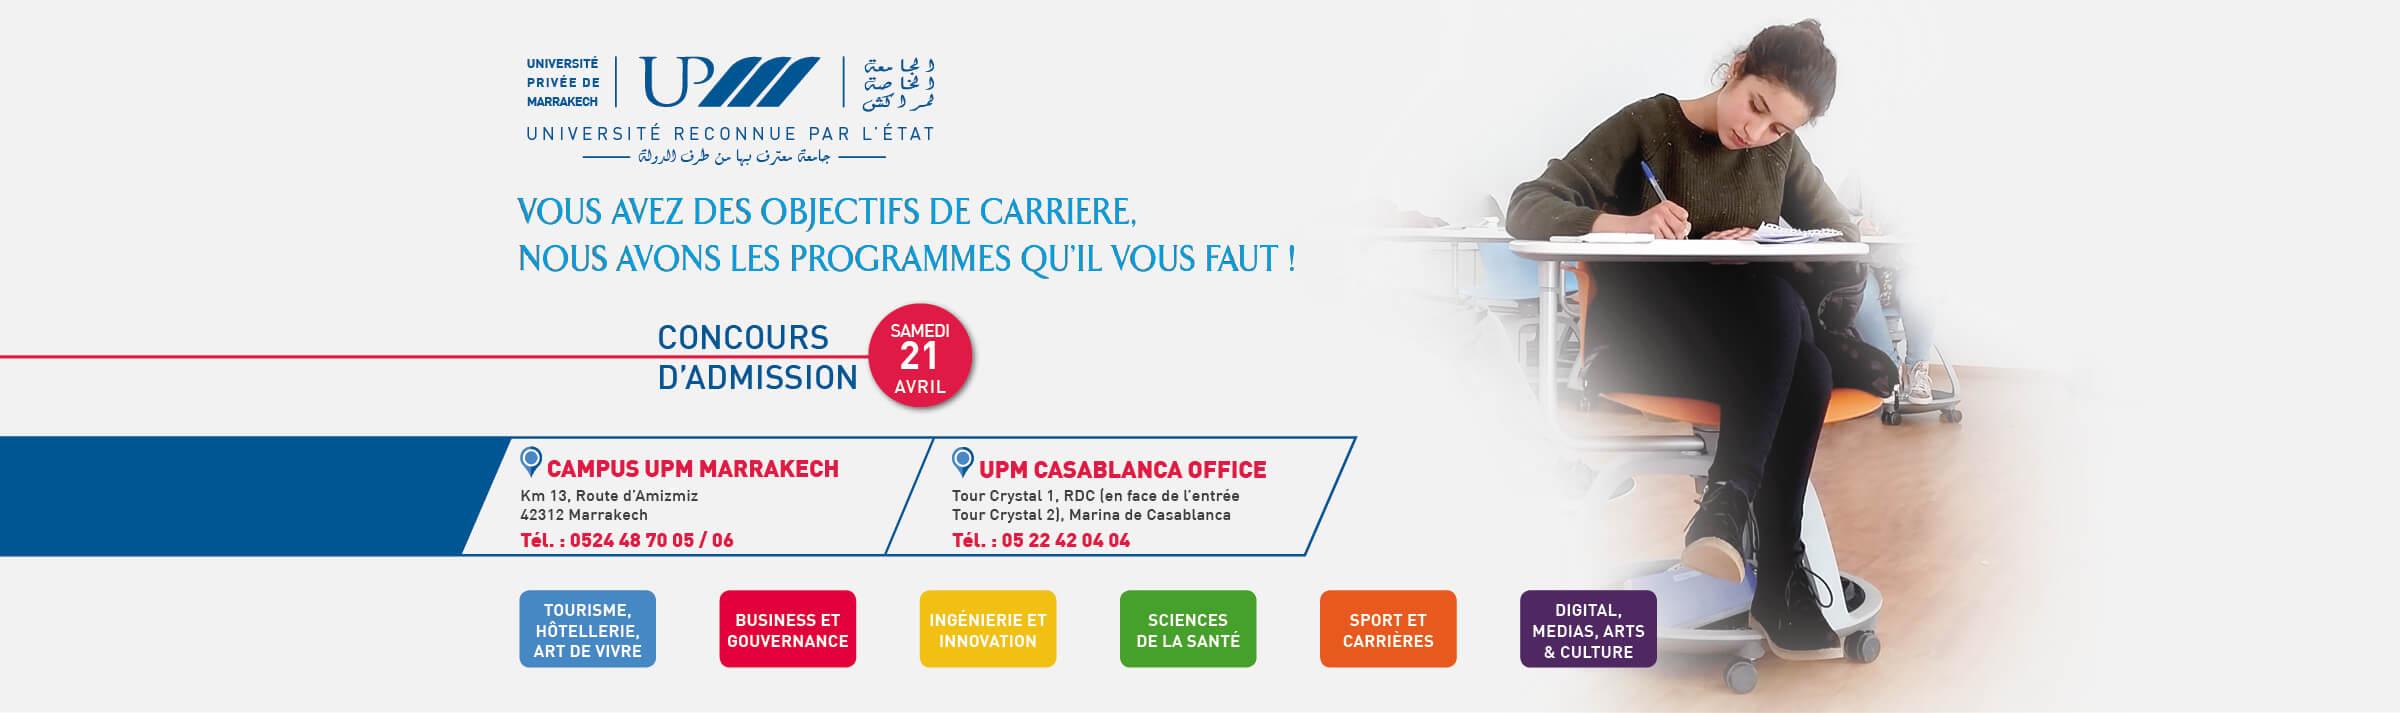 Concours 21 Avril à Marrakech et à Casablanca